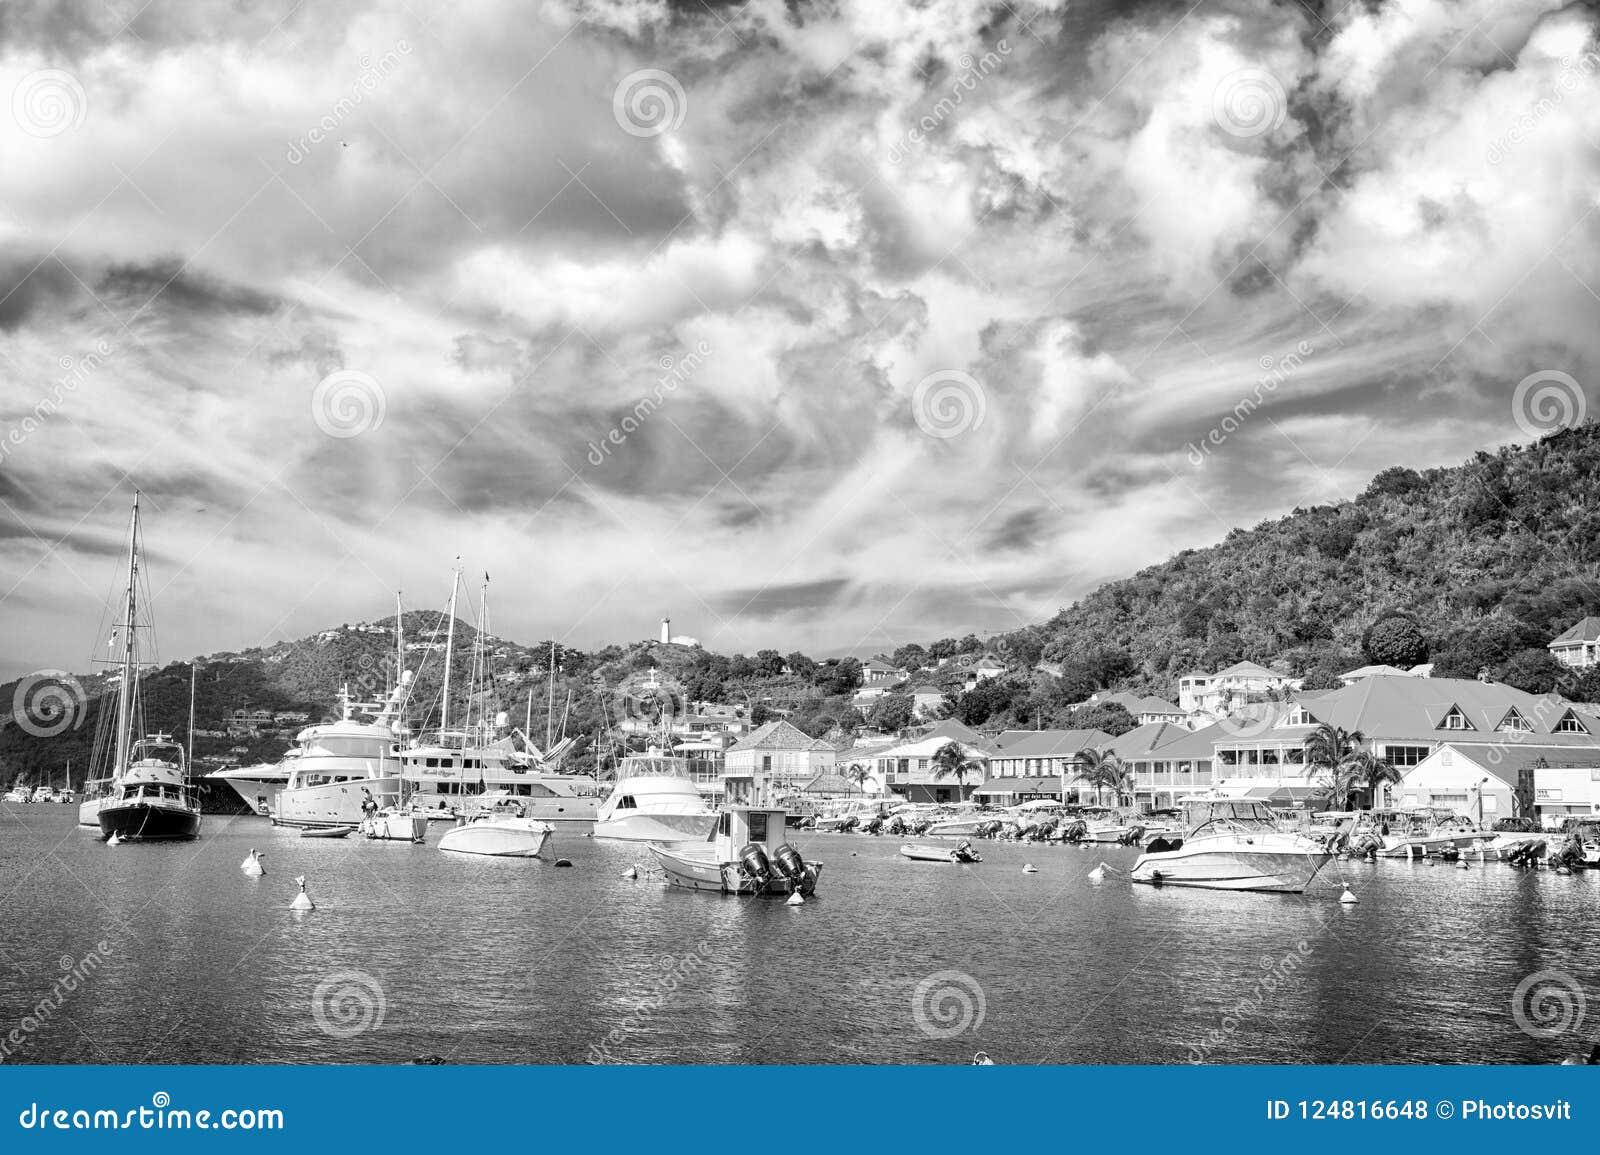 Gustavia, stbarts - 25 de noviembre de 2015: barcos en club náutico o puerto en puerto tropical El navegar y navegación lujo